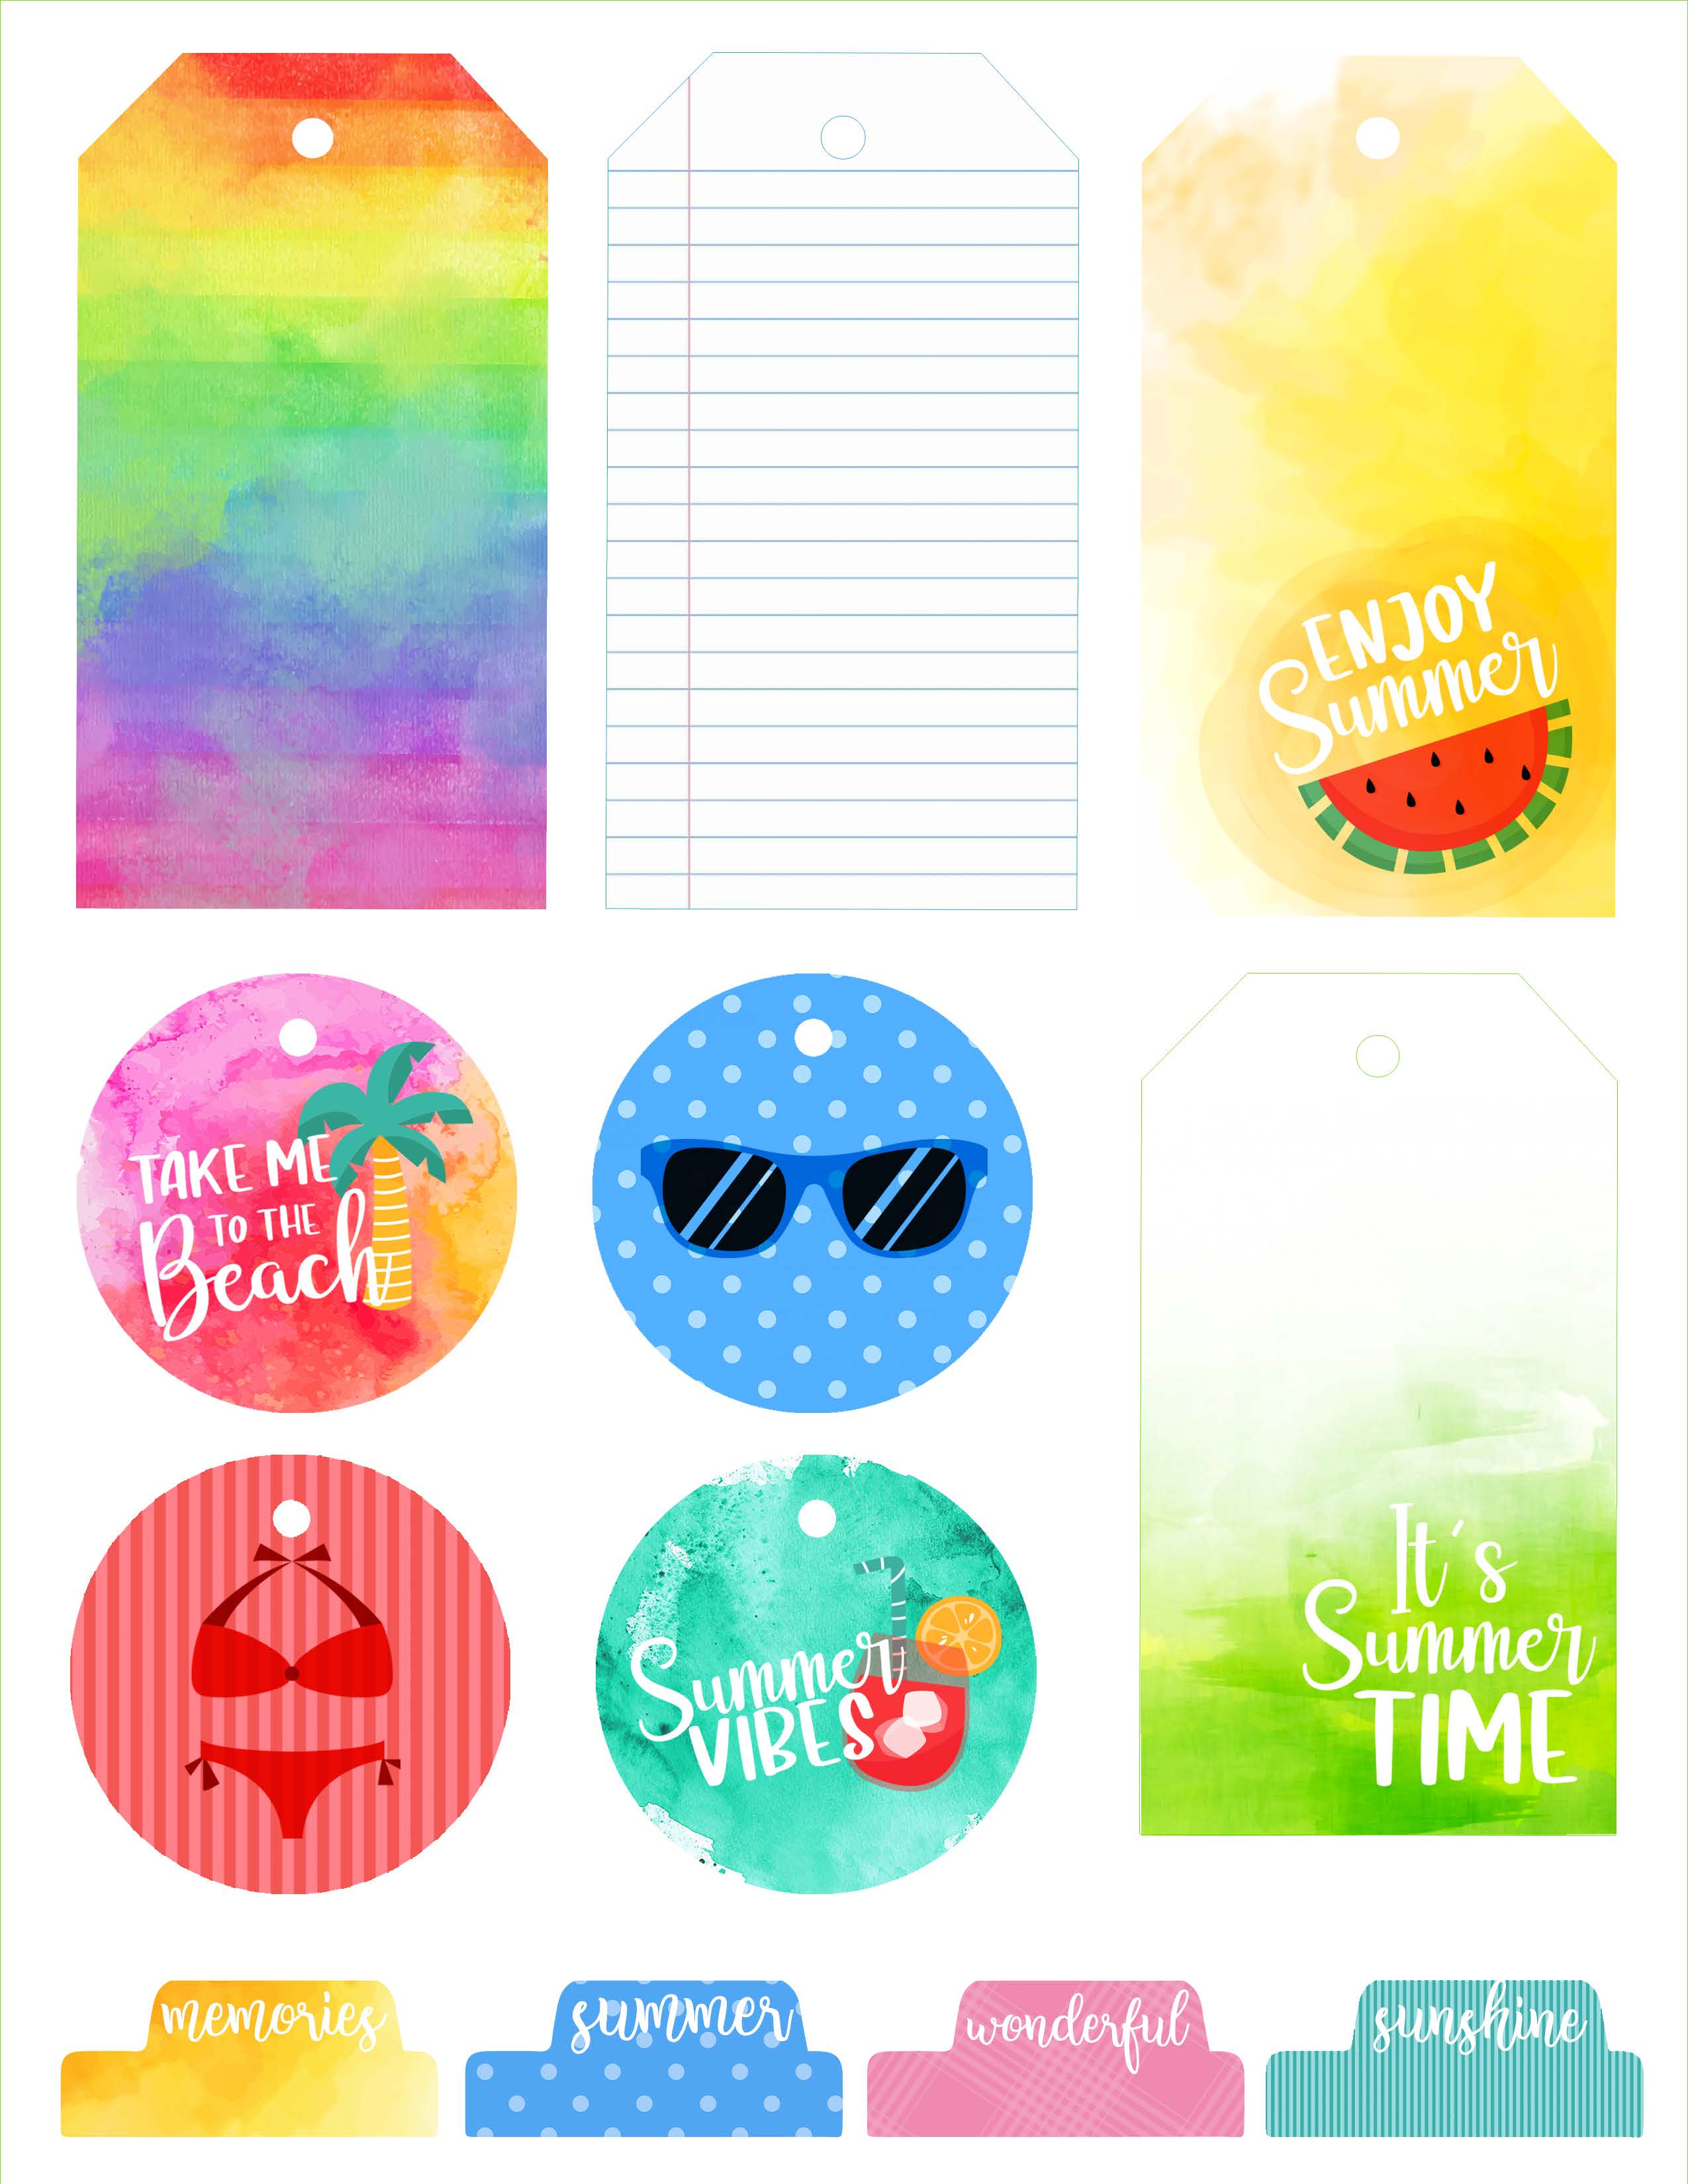 SCT Delivered Kit - Summer 2019 Summertime Dreams Printables